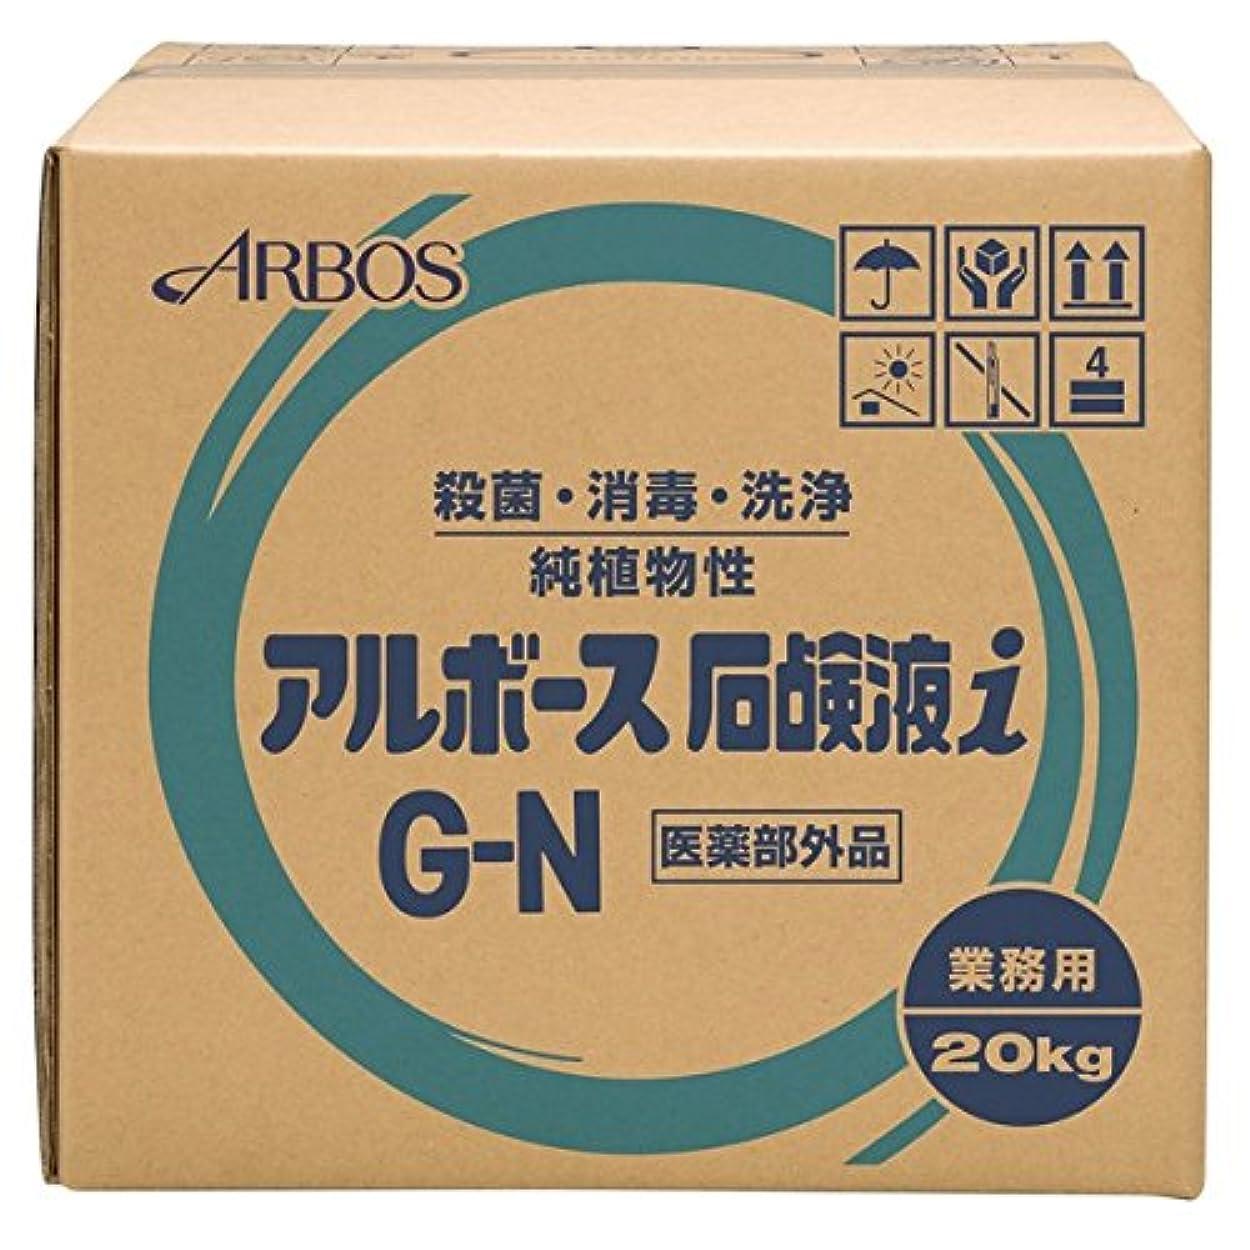 飢えたバインド灌漑アルボース 薬用ハンドソープ アルボース石鹸液i G-N 濃縮タイプ 20kg